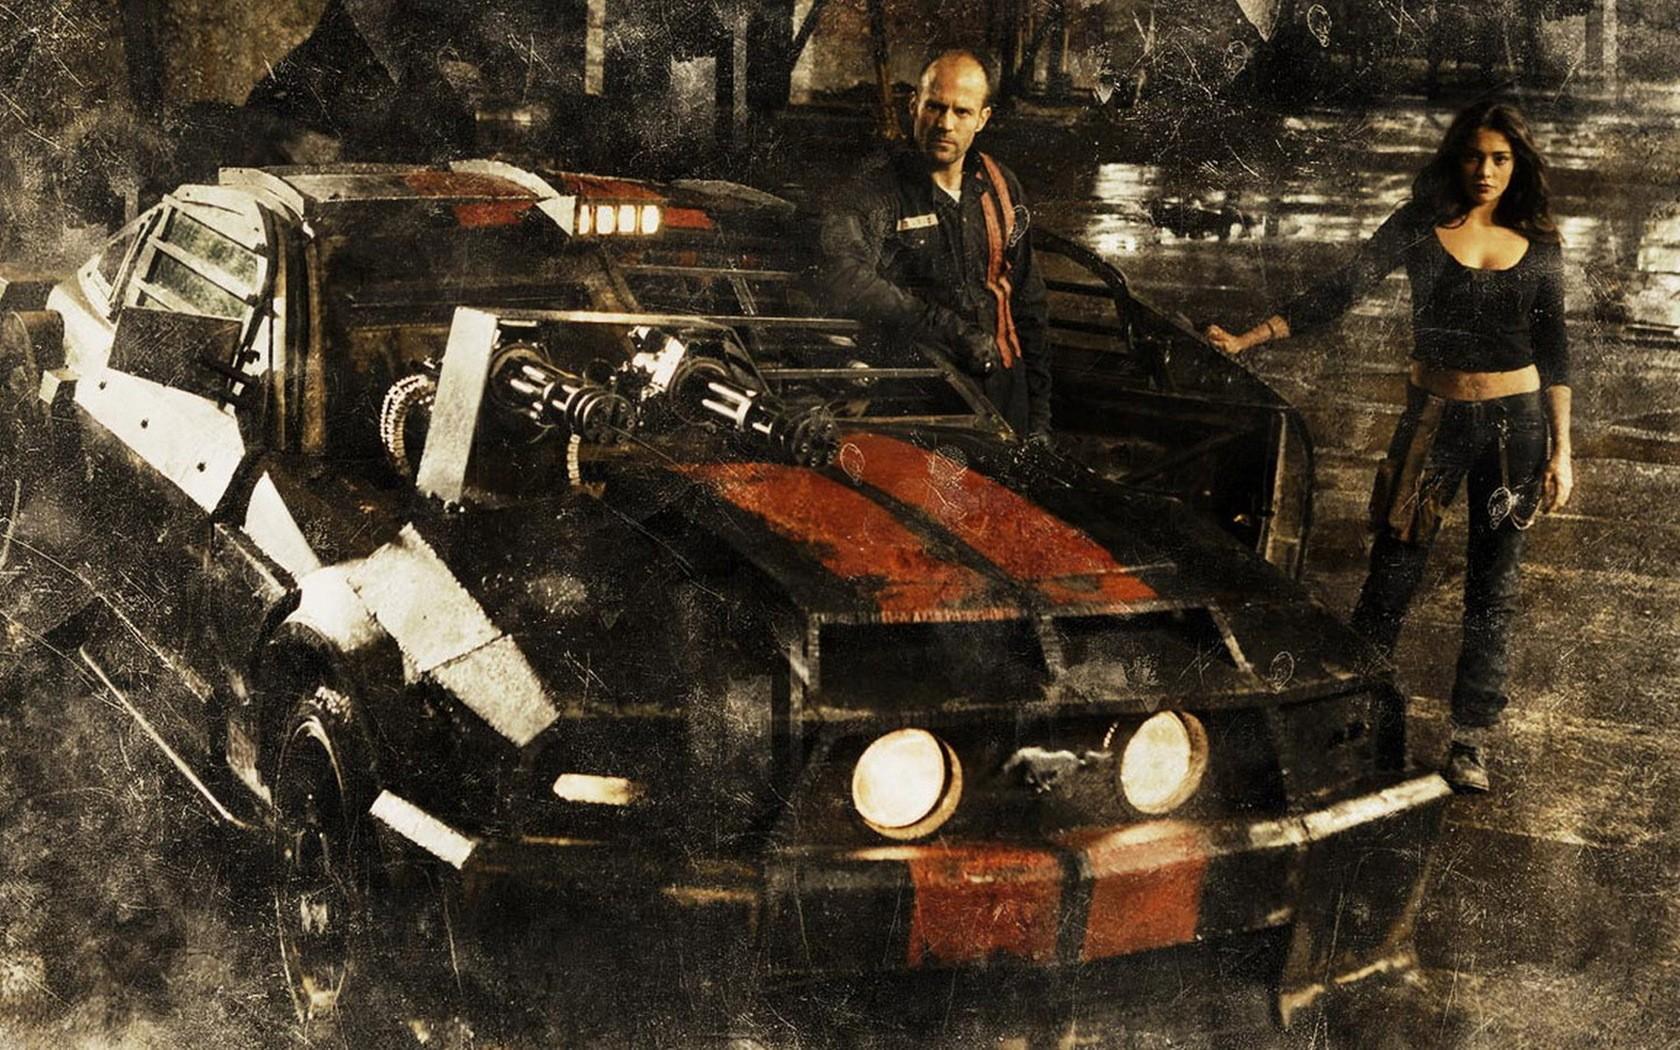 форд мустанг смертельная гонка #10